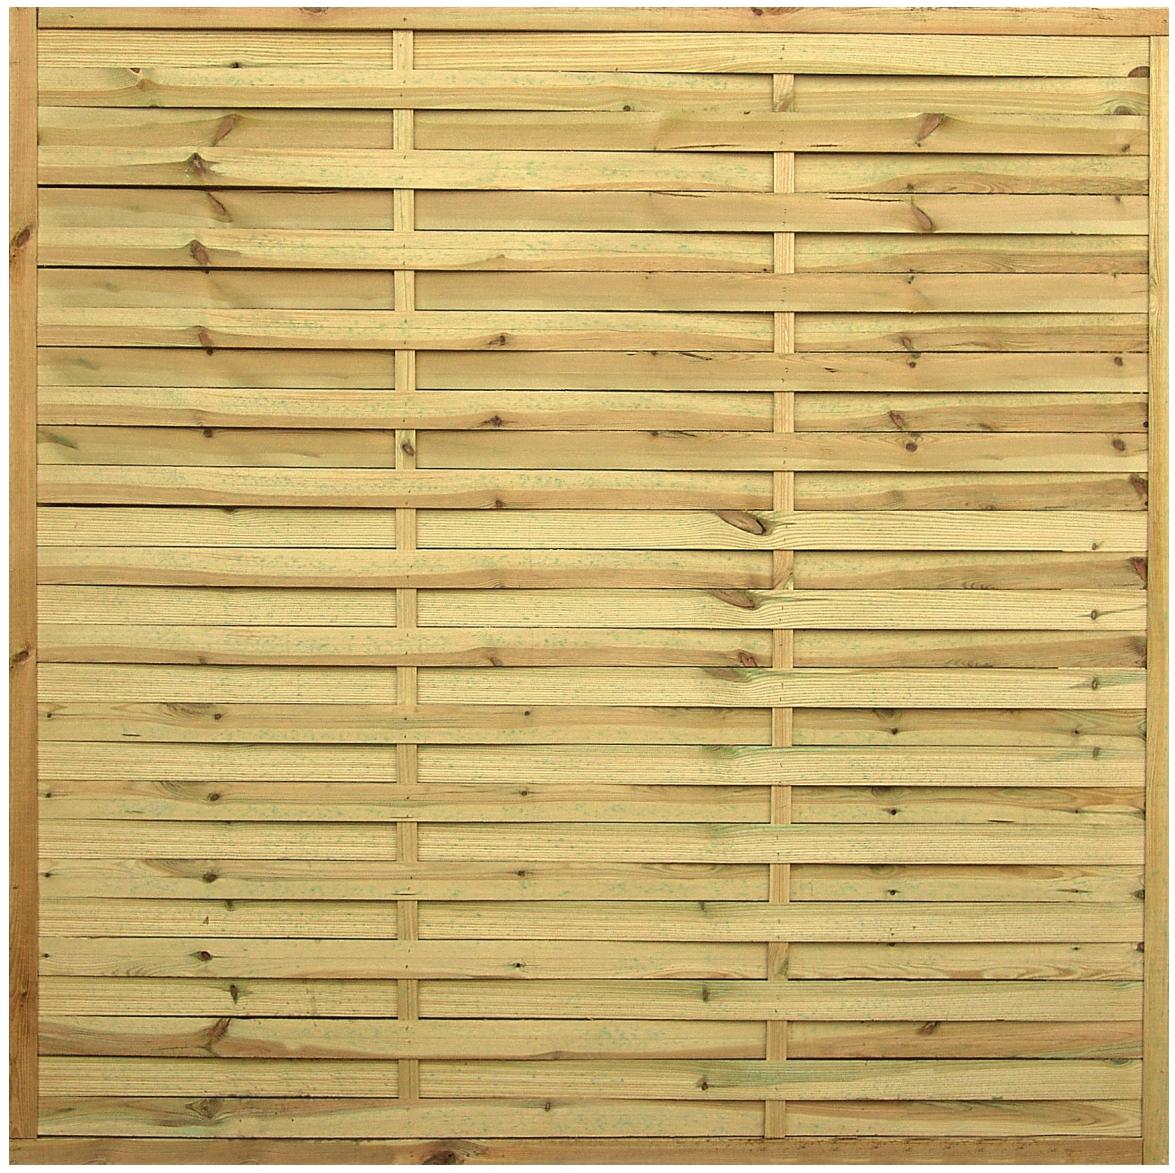 Schutting tuinscherm econoom 180x180cm